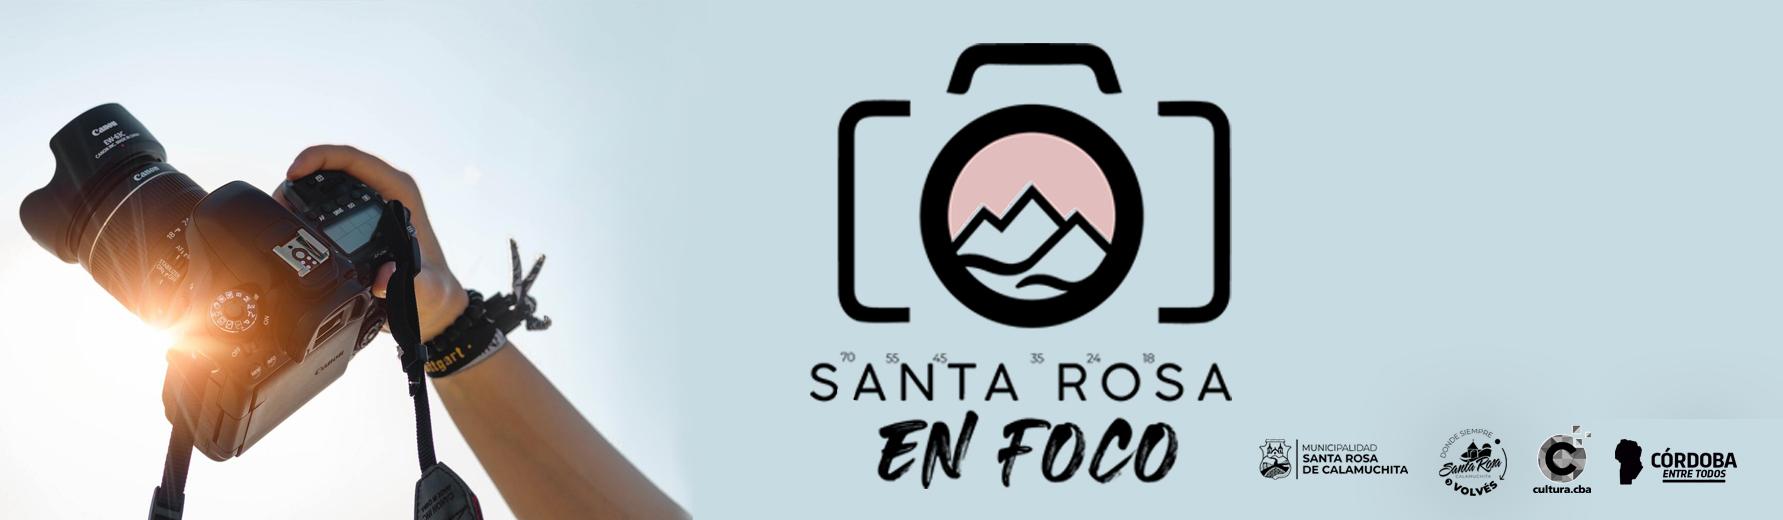 """CONCURSO DE FOTOGRAFÍAS """"SANTA ROSA EN FOCO"""""""